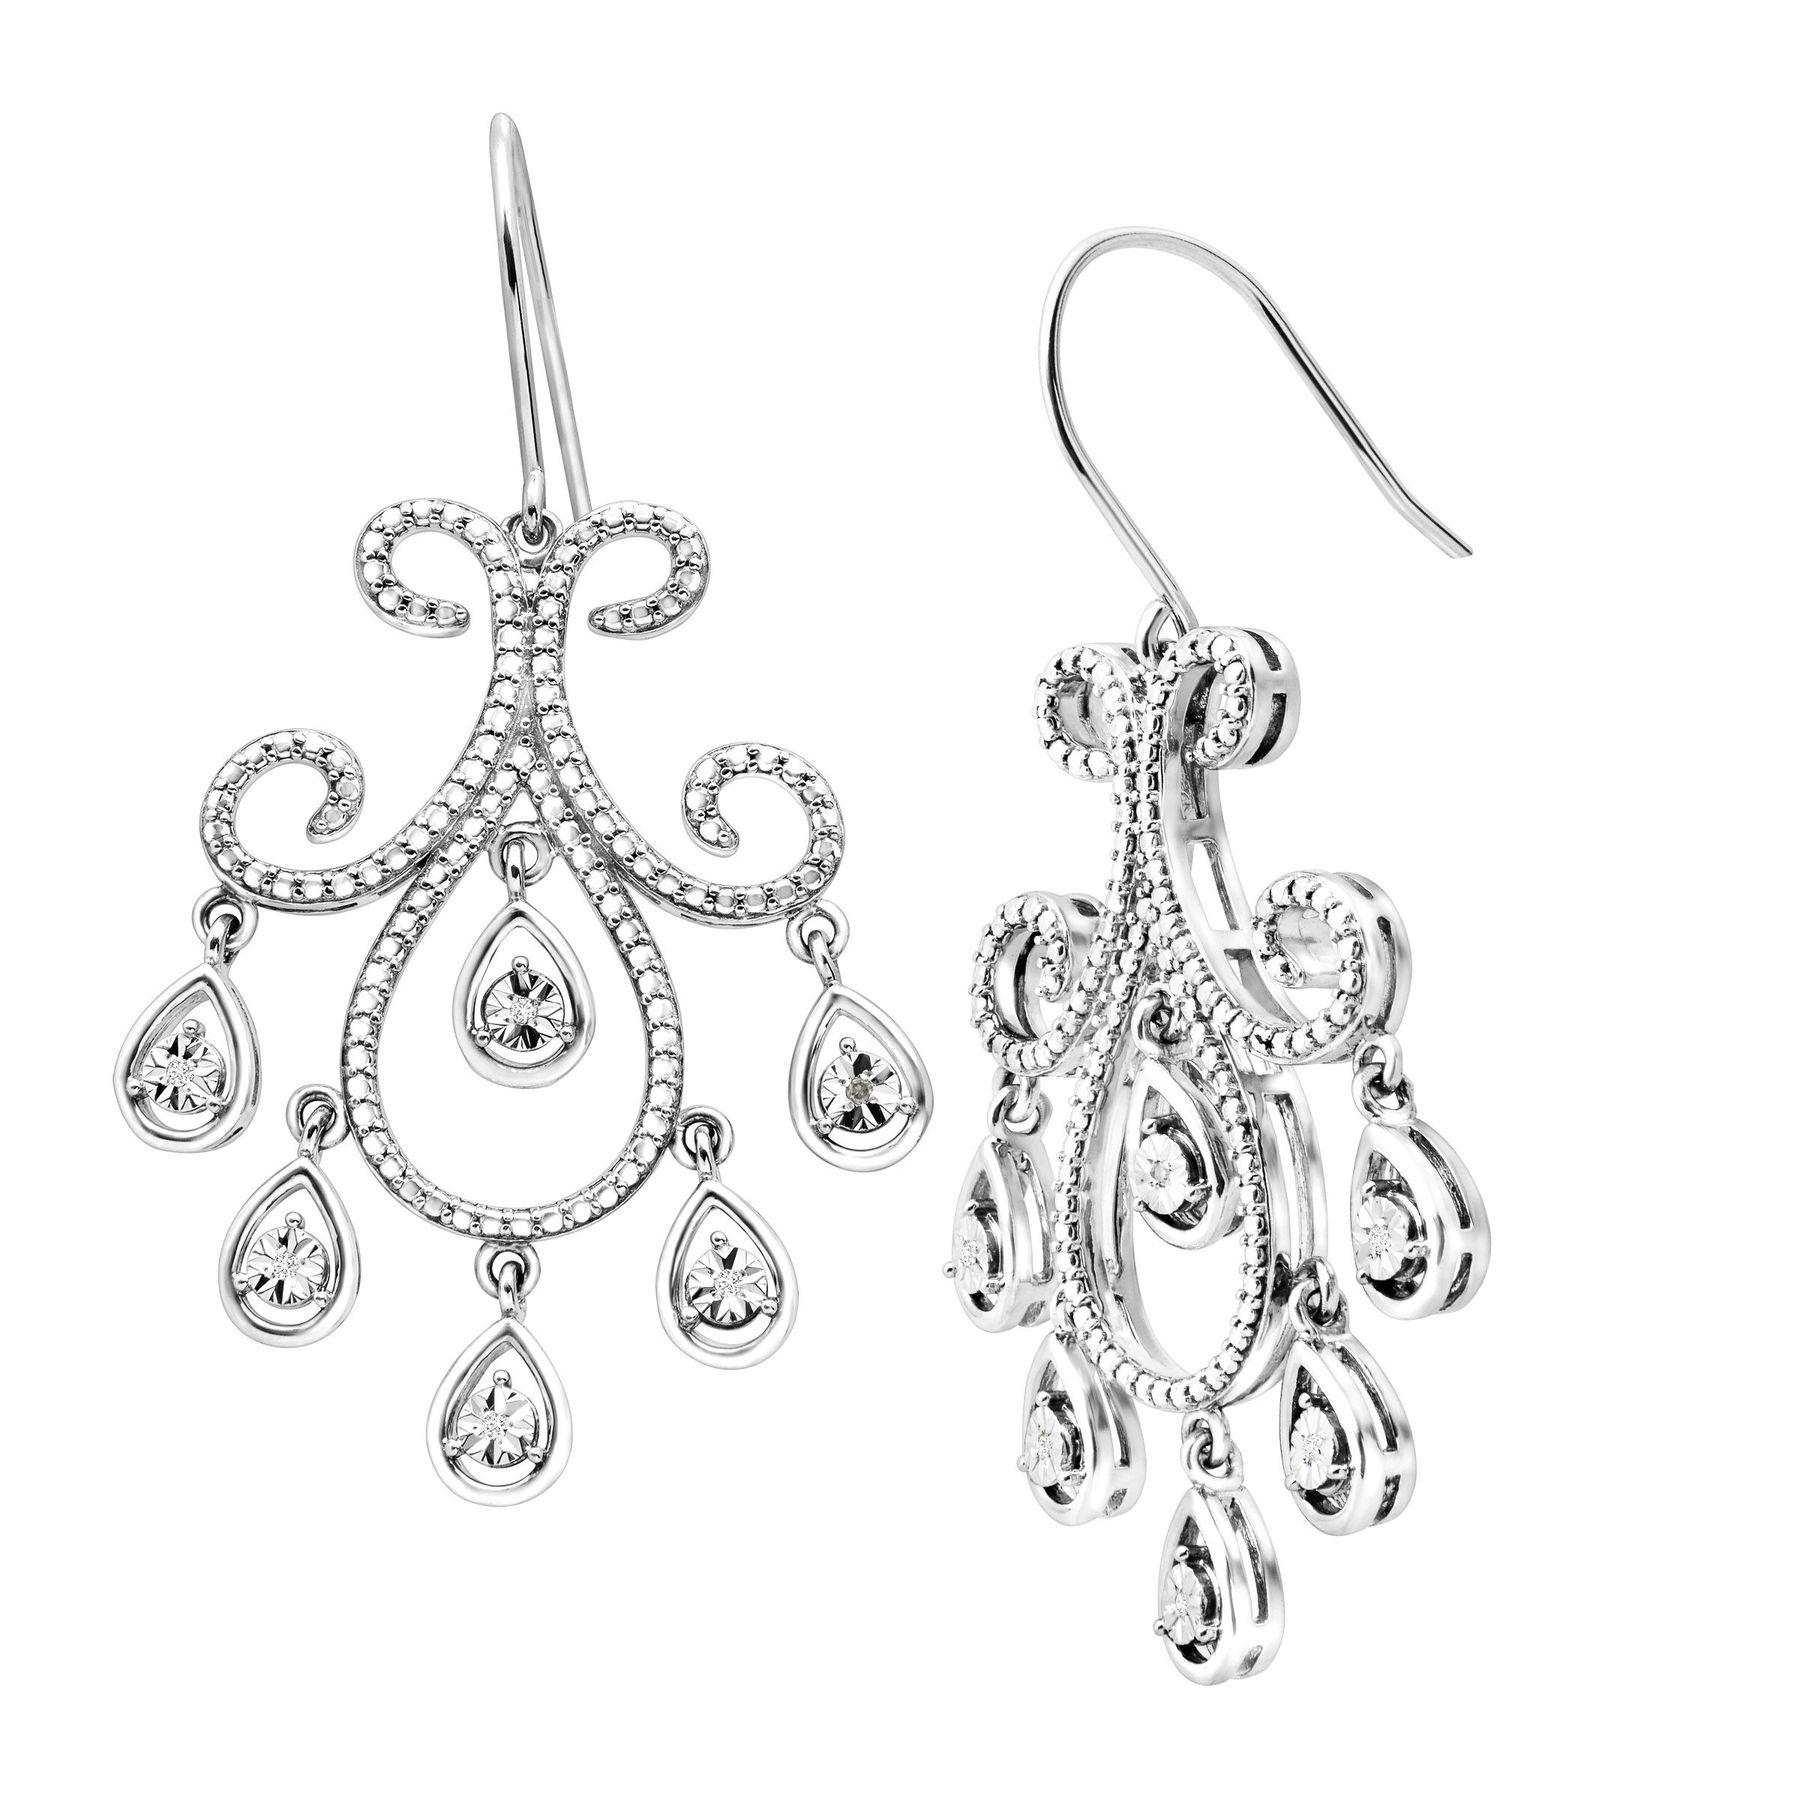 Chandelier Drop Earrings with Diamonds in Sterling Silver ...